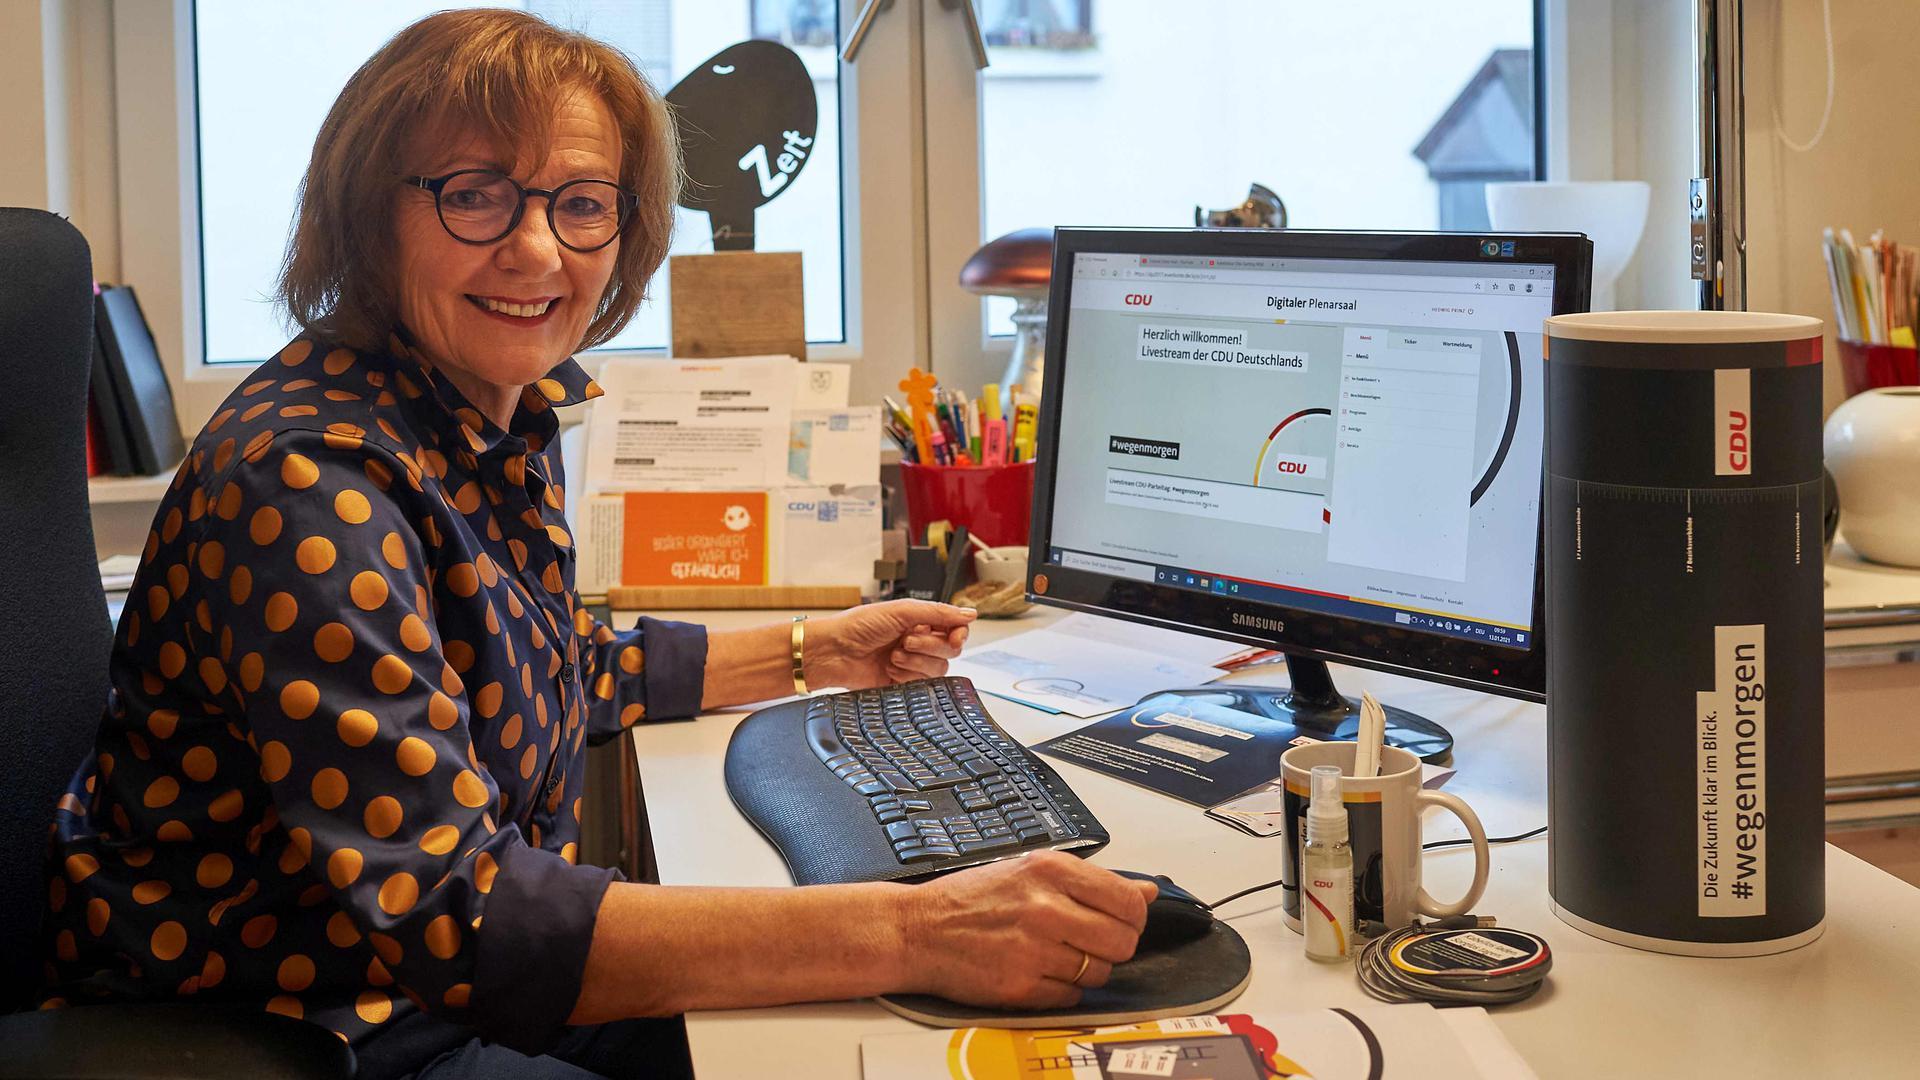 Parteitag am Bildschirm: Die Forster CDU-Kommunalpolitikerin Hedwig Prinz darf als eine von 1.001 Delegierten über den künftigen CDU-Vorsitzenden bestimmen.